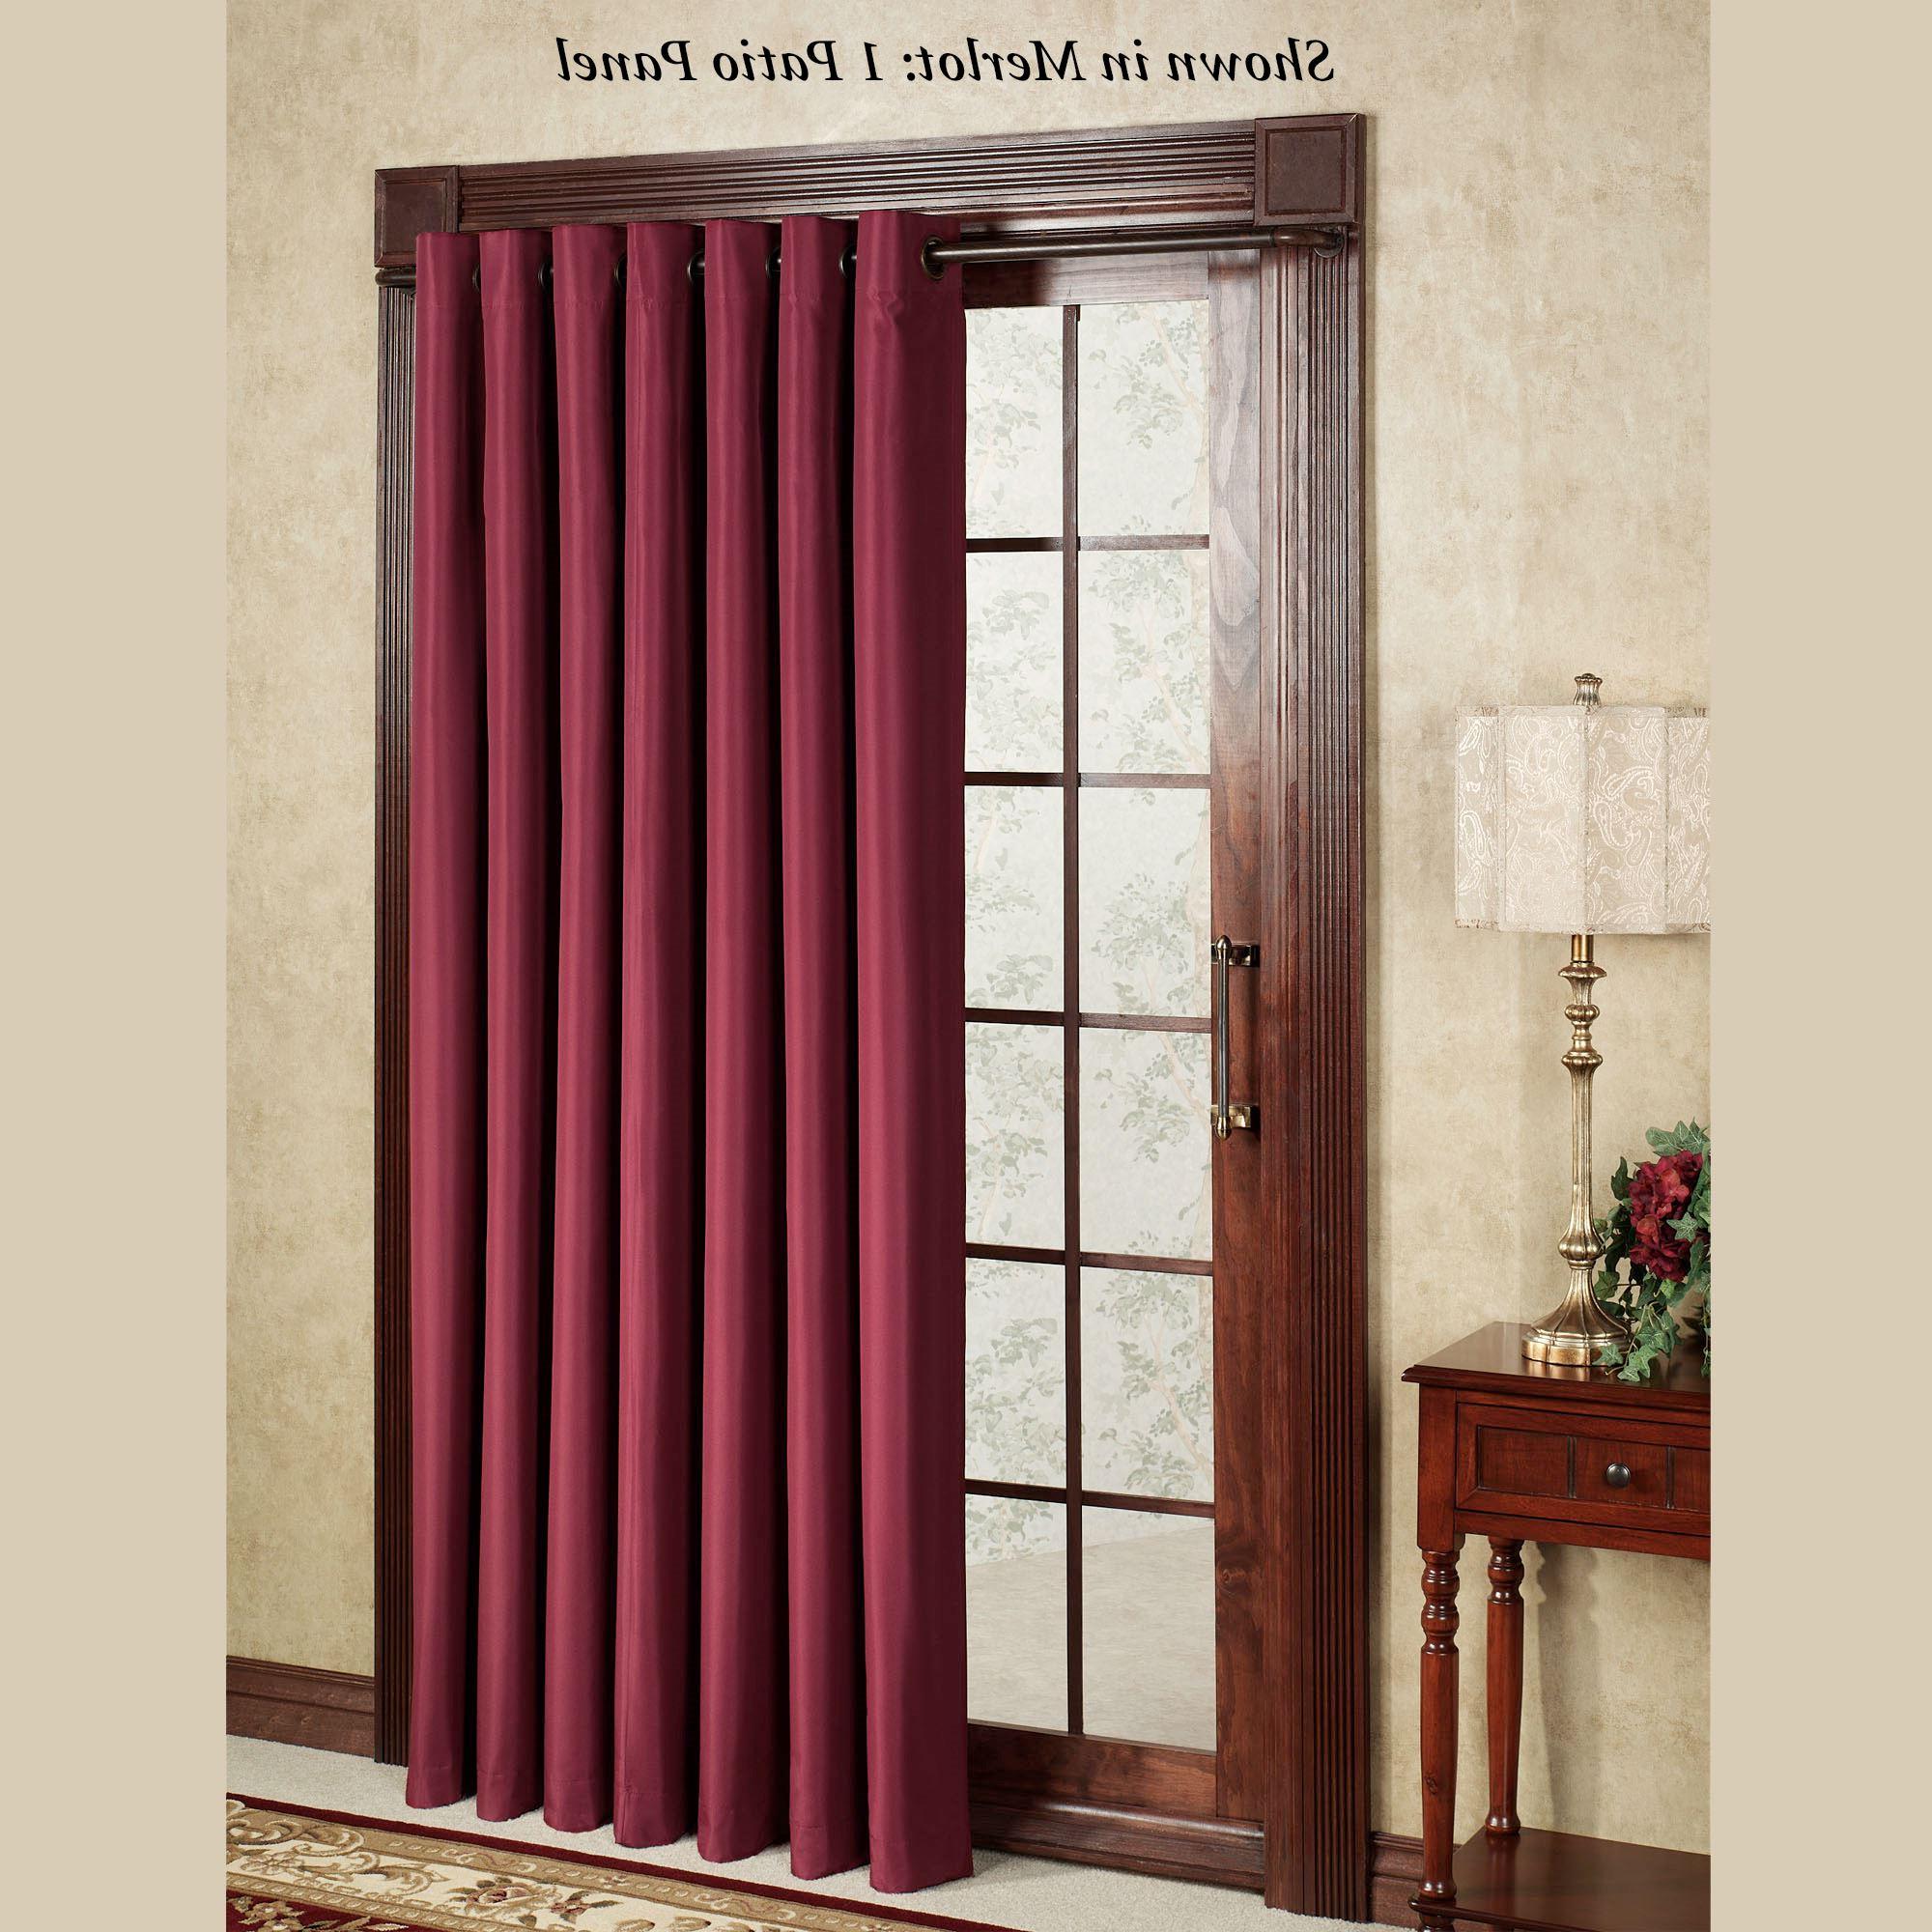 Grommet Blackout Patio Door Window Curtain Panels For Popular Thermal Elegance Grommet Patio Panel (View 20 of 20)